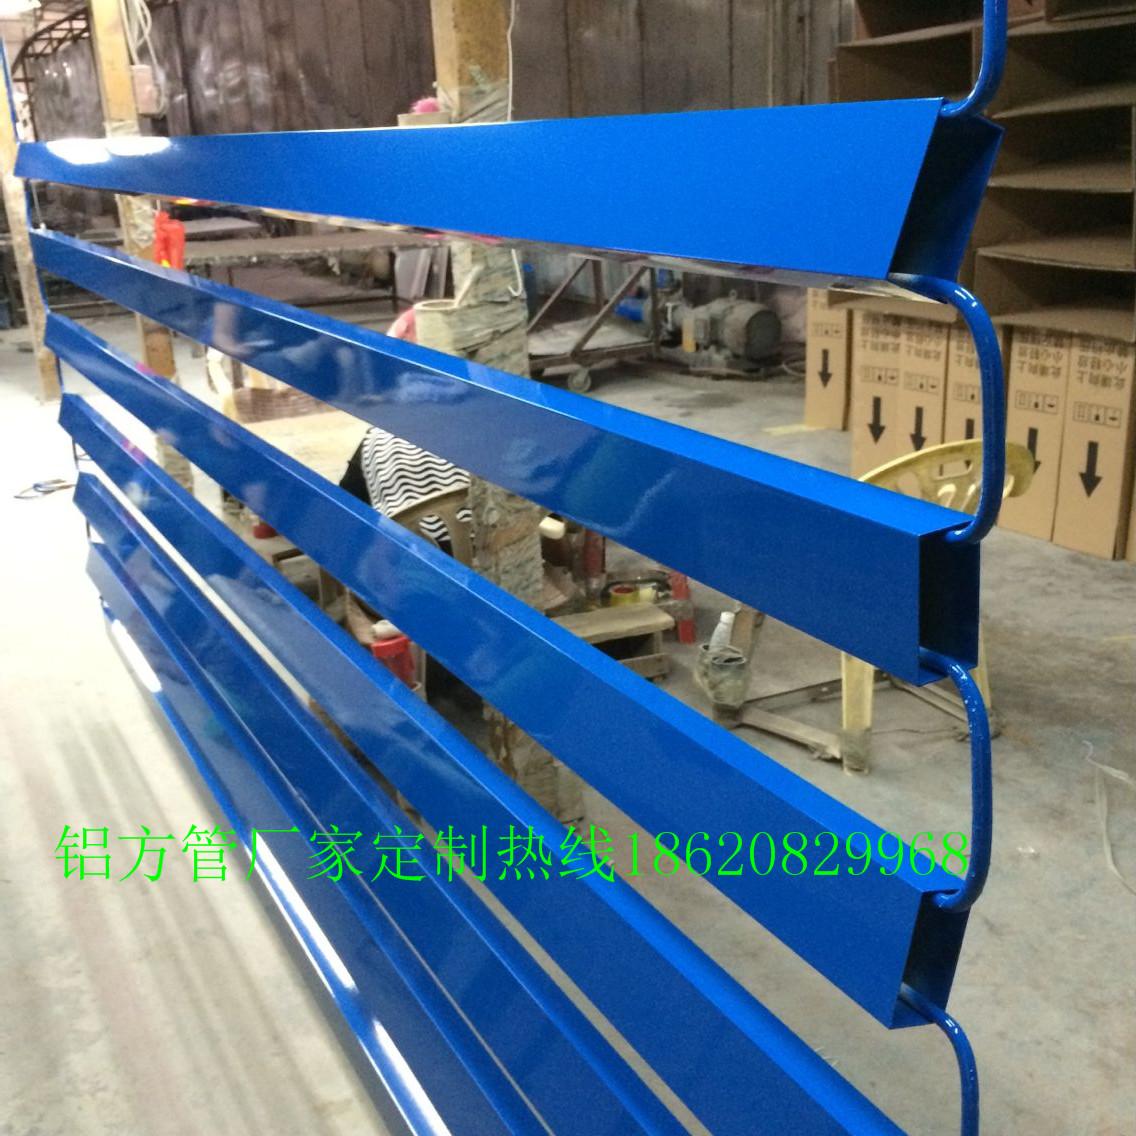 铝方通公司|铝方通供应商|铝方通采购|专业铝方通